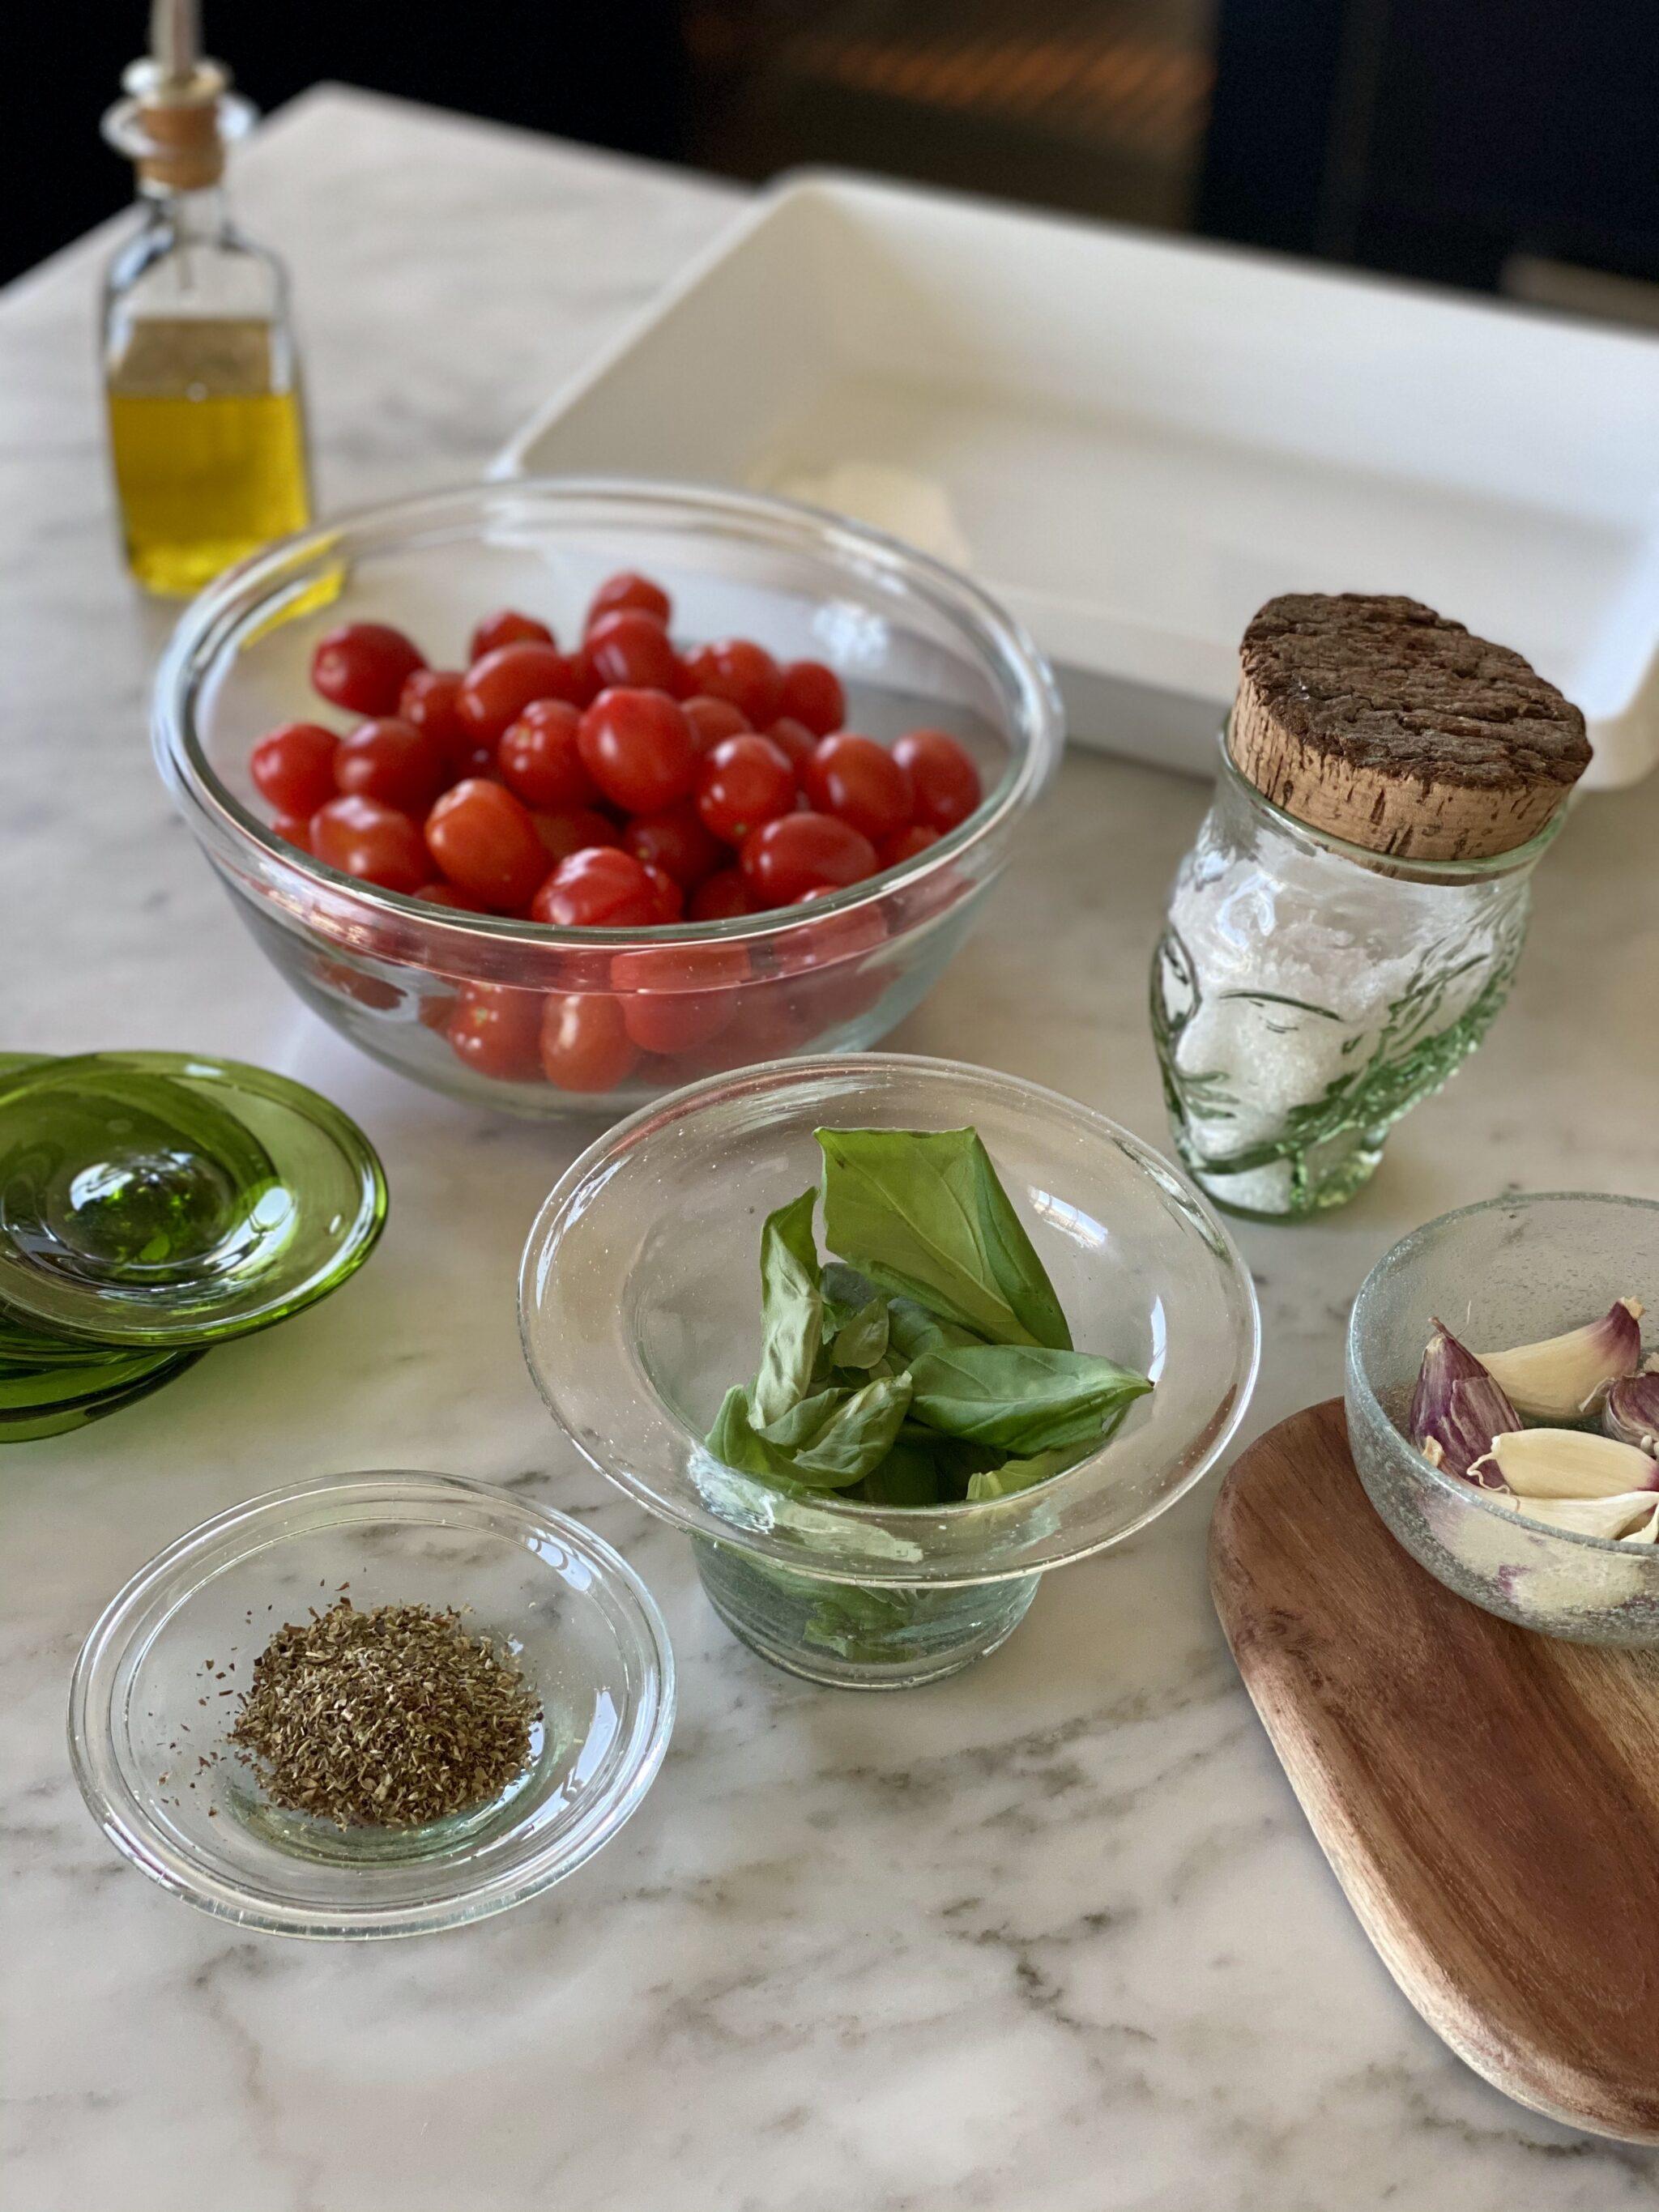 la-soufflerie-salad-bowl-big-verre-tete-transparent-pot-a-confiture-grand-jar-assiette-10cm-transparent-small-plate-little-boru-bowl